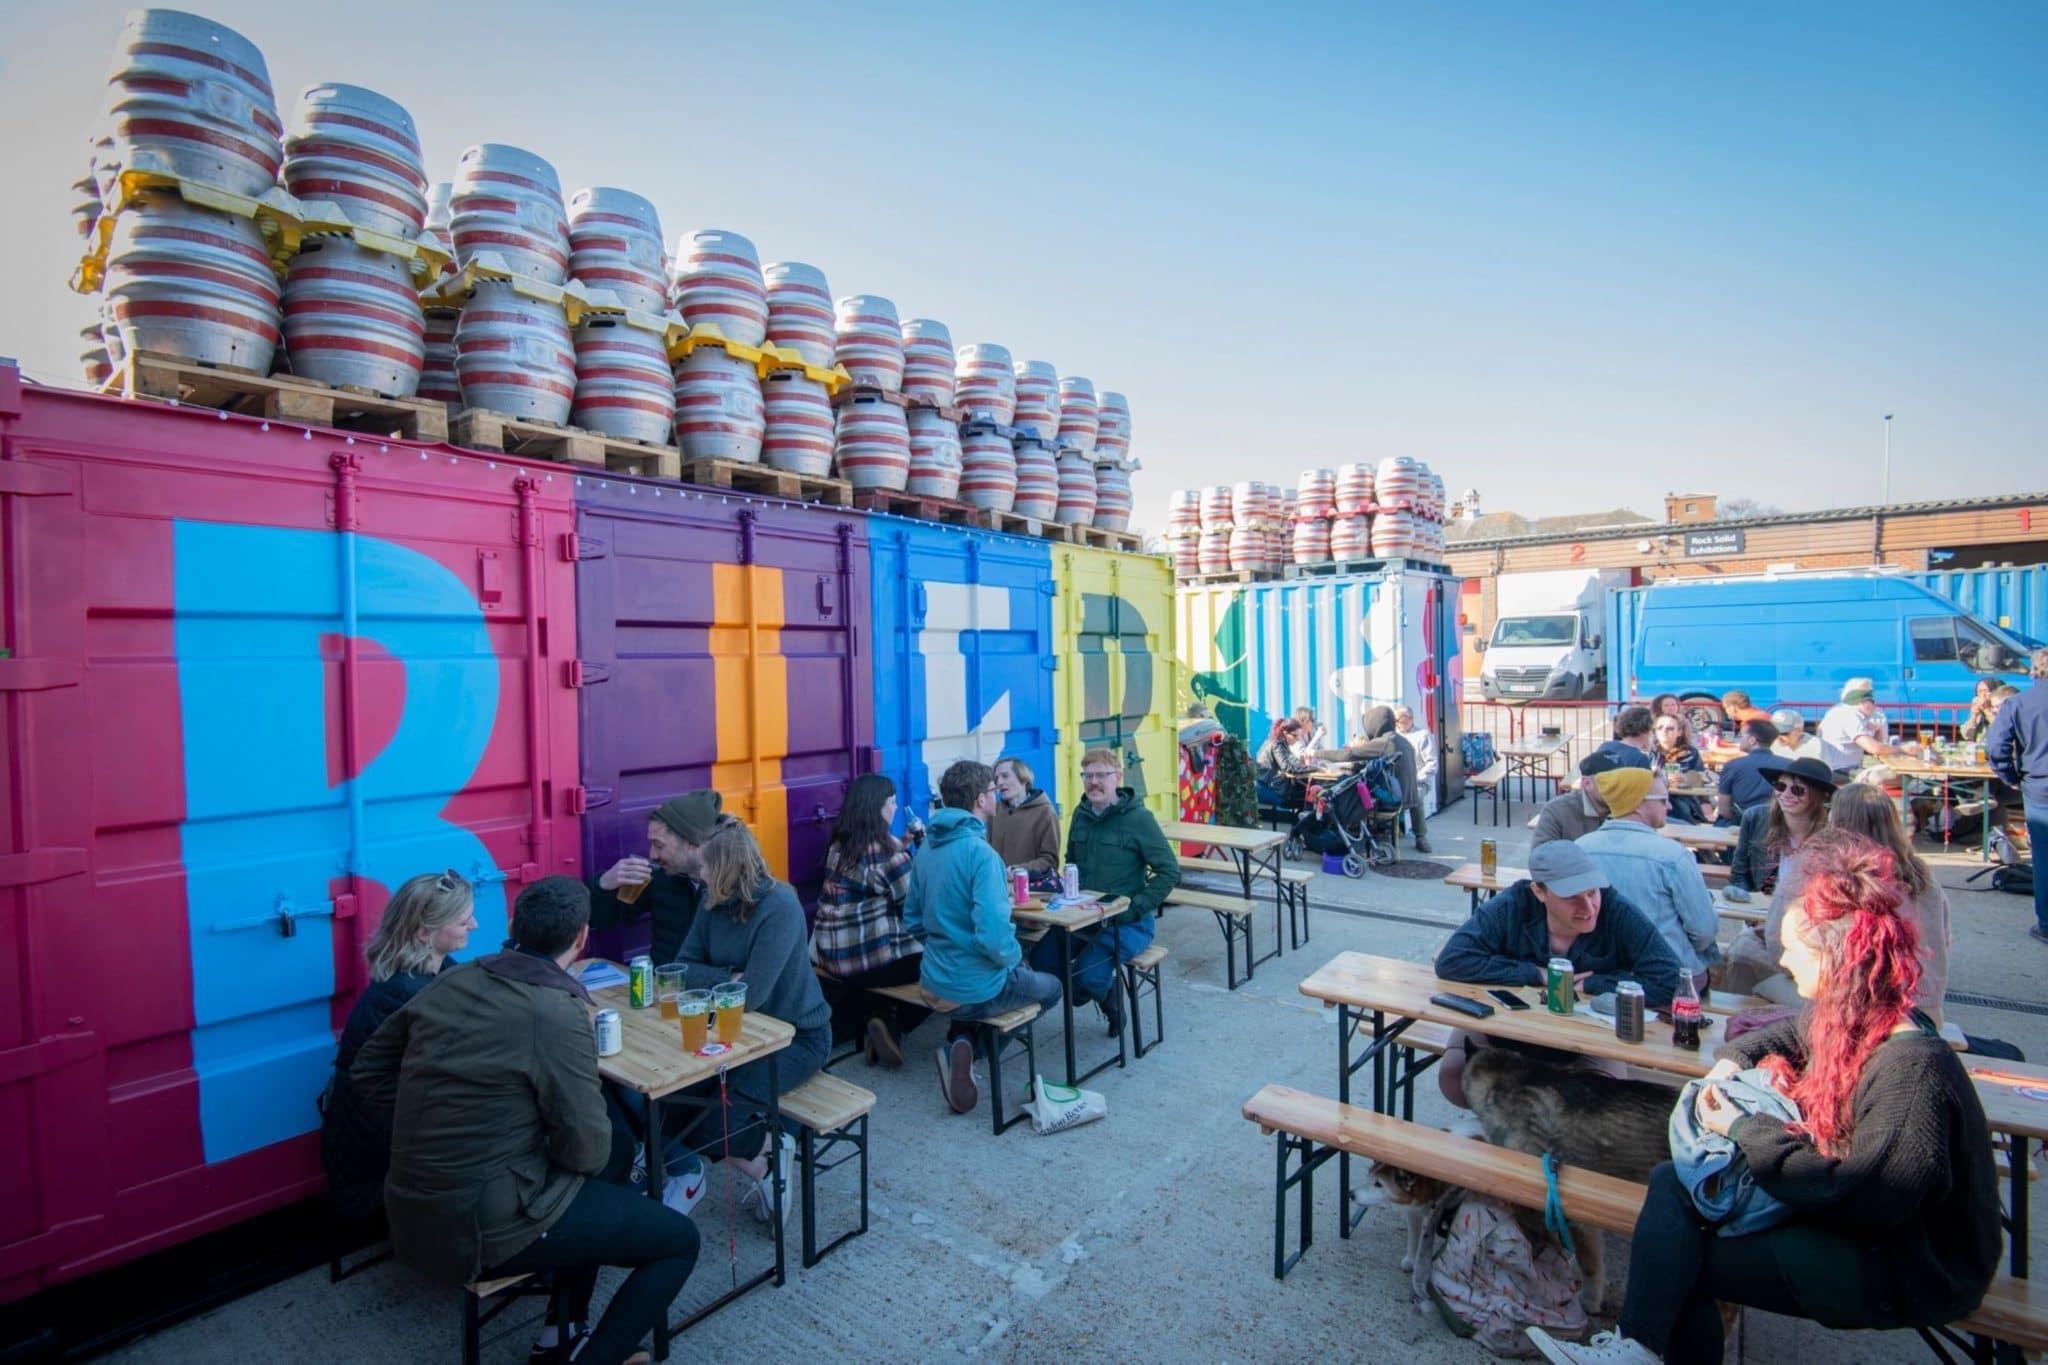 Brighton Bier Bar Staff